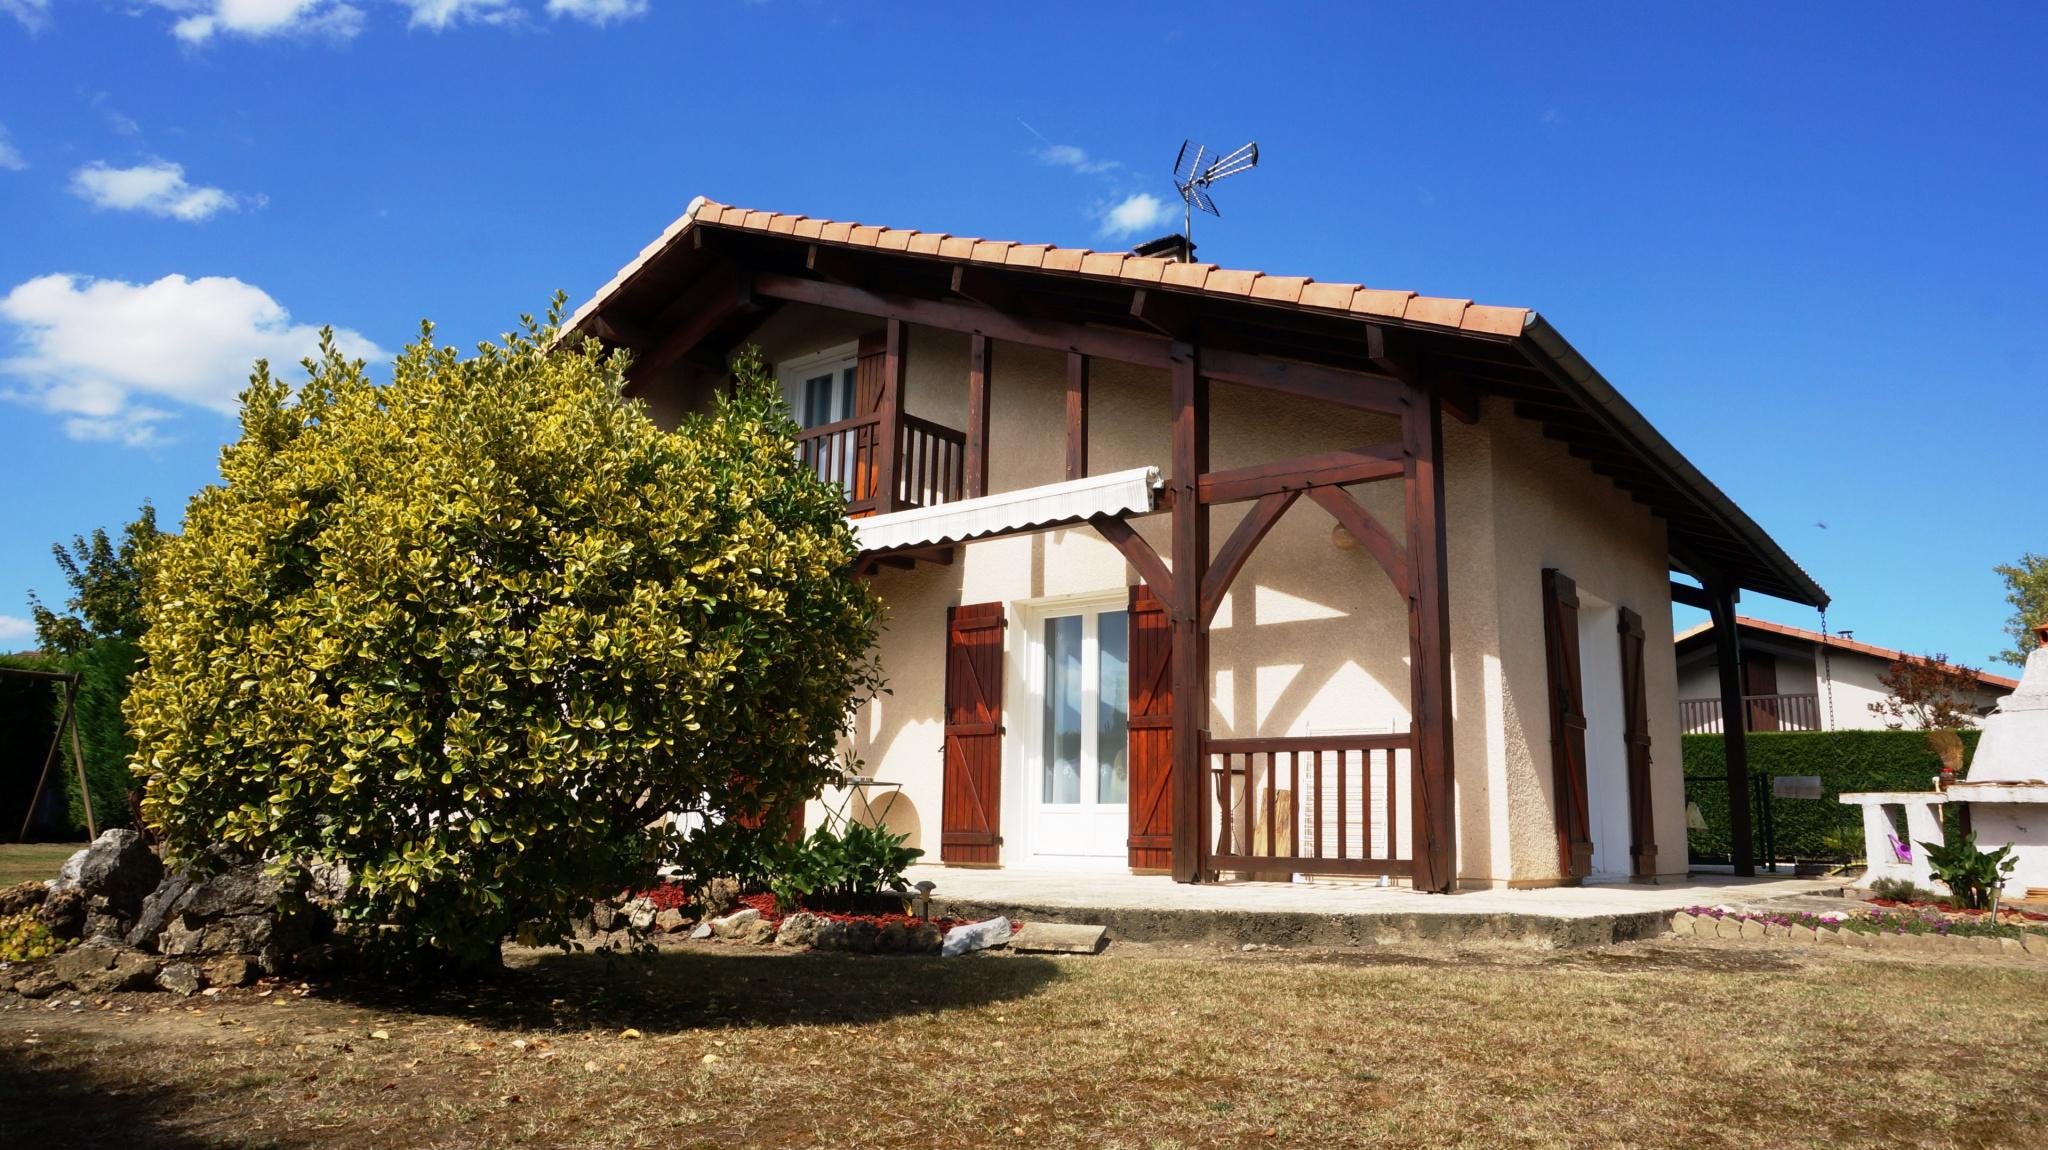 Vente maison/villa 6 pièces cazeres sur l adour 40270